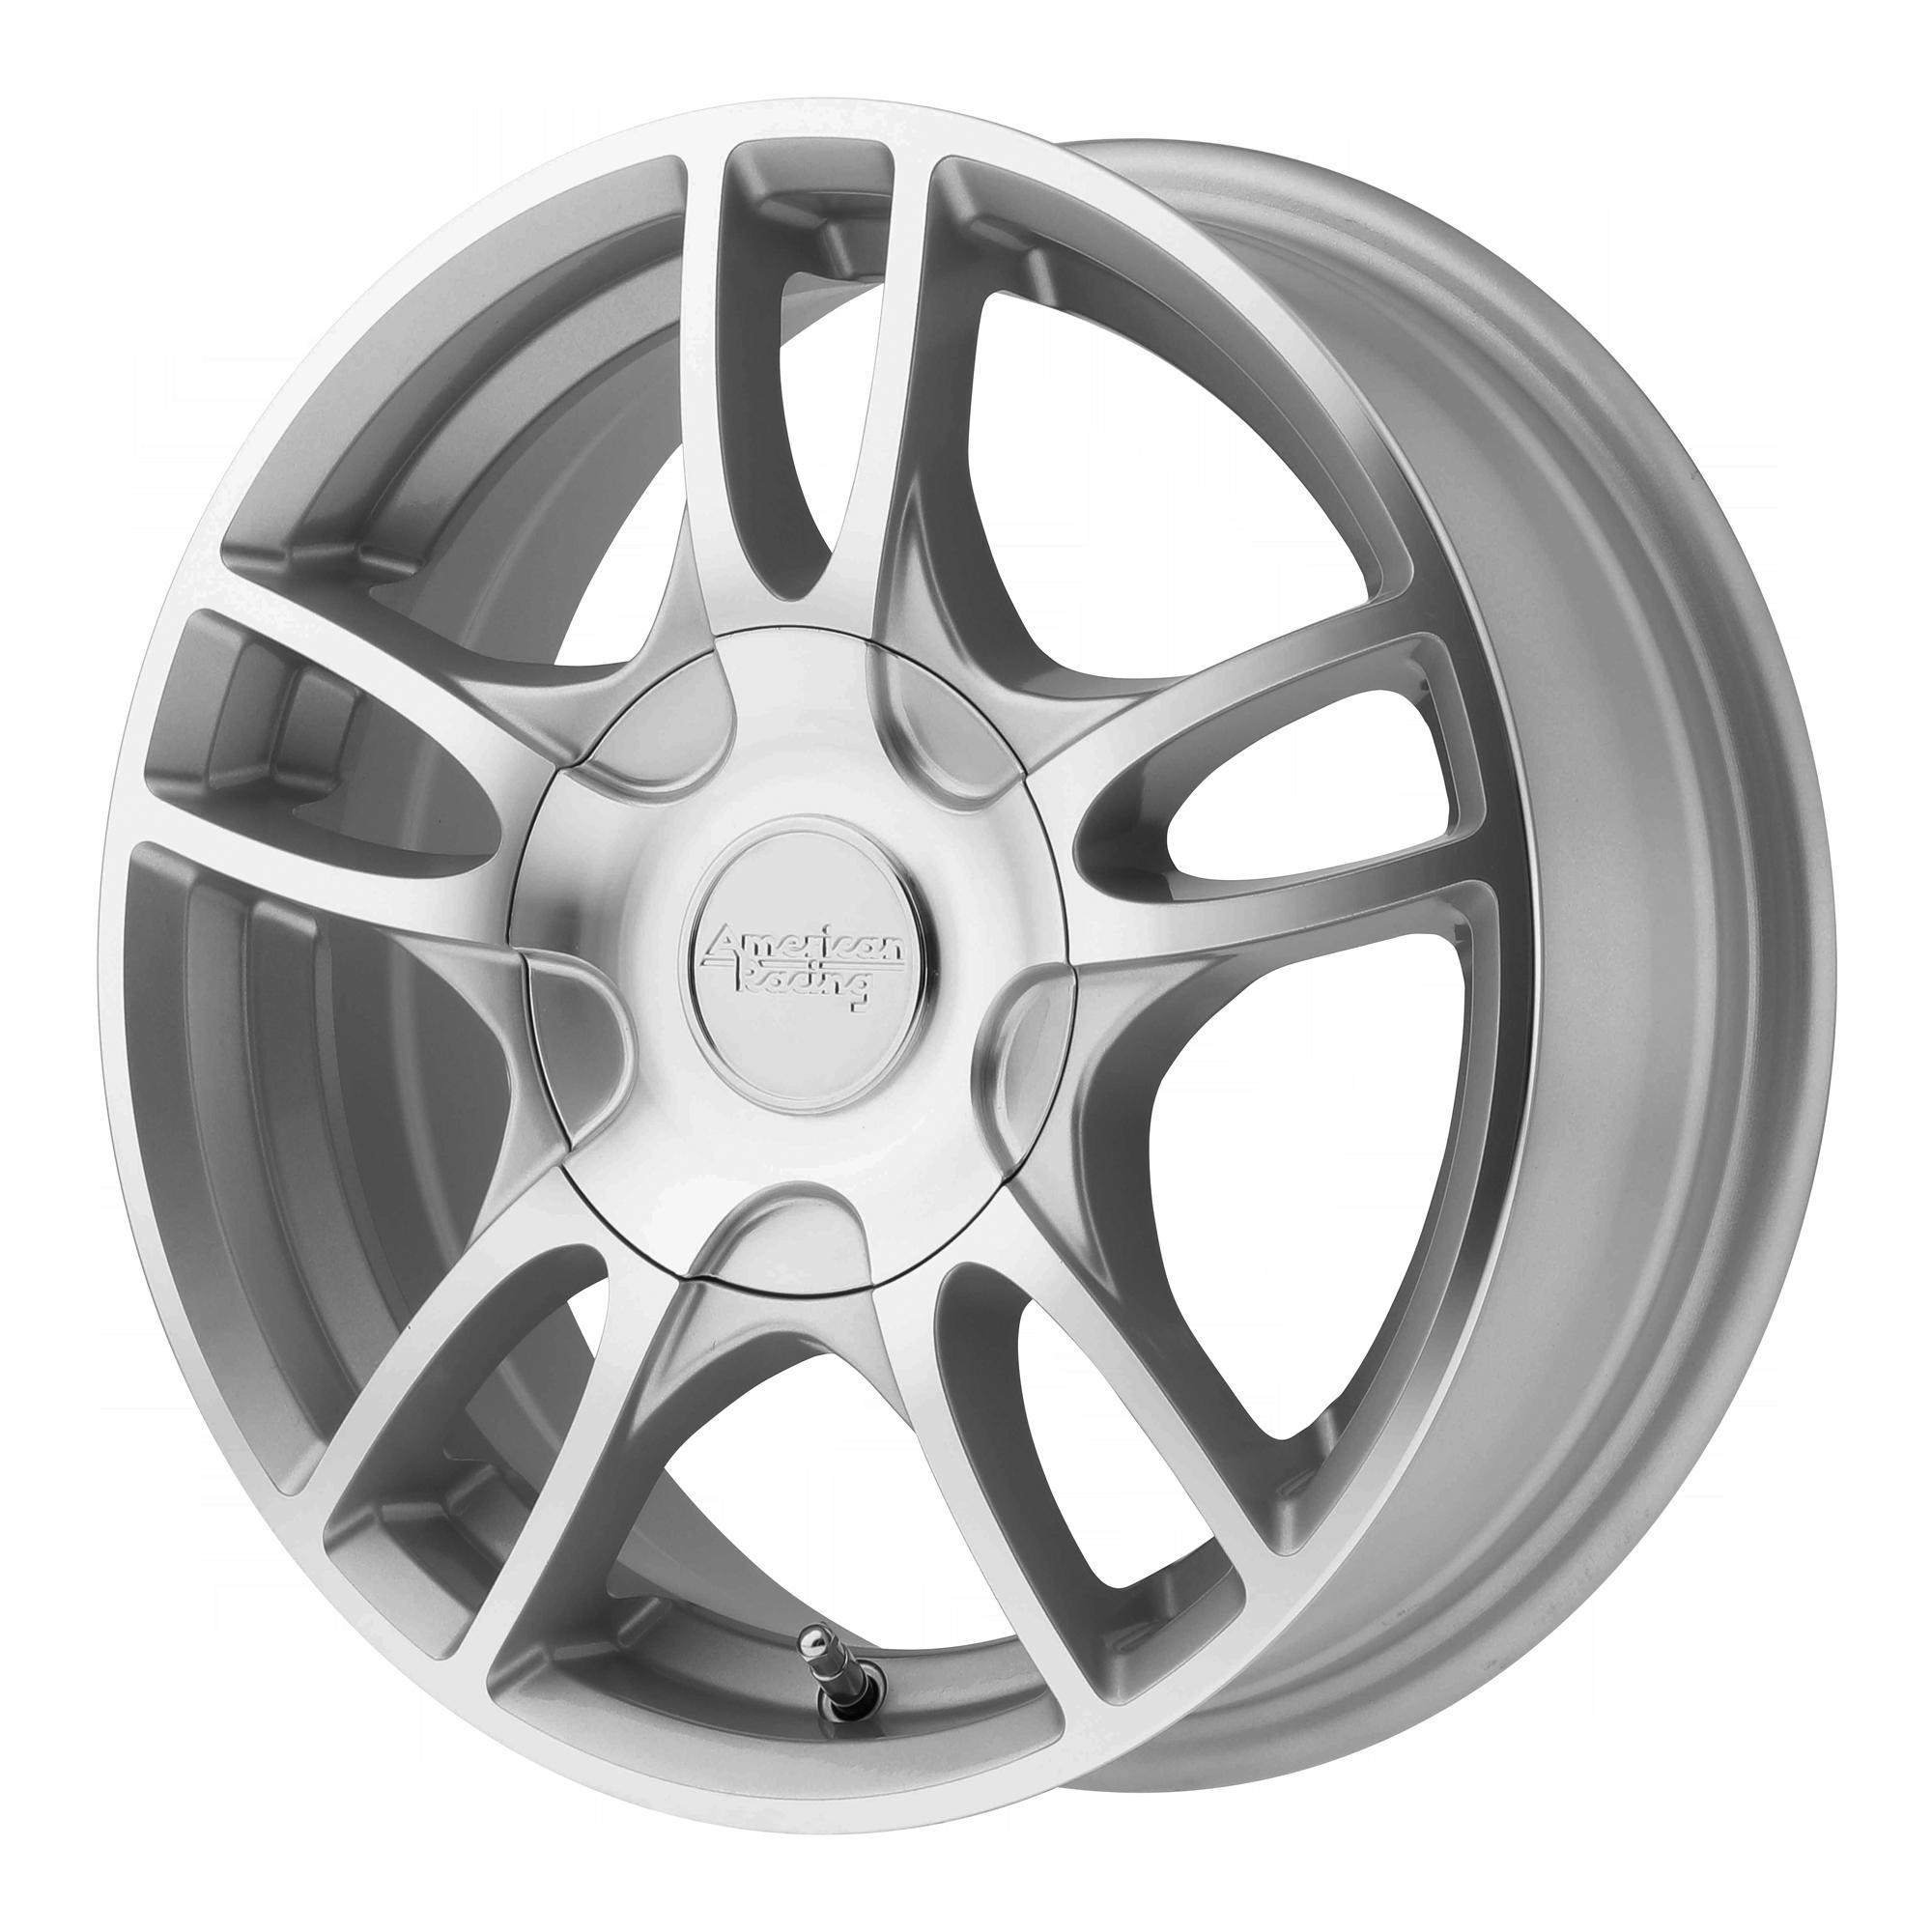 American Racing Wheels AR919 ESTRELLA 2 Silver